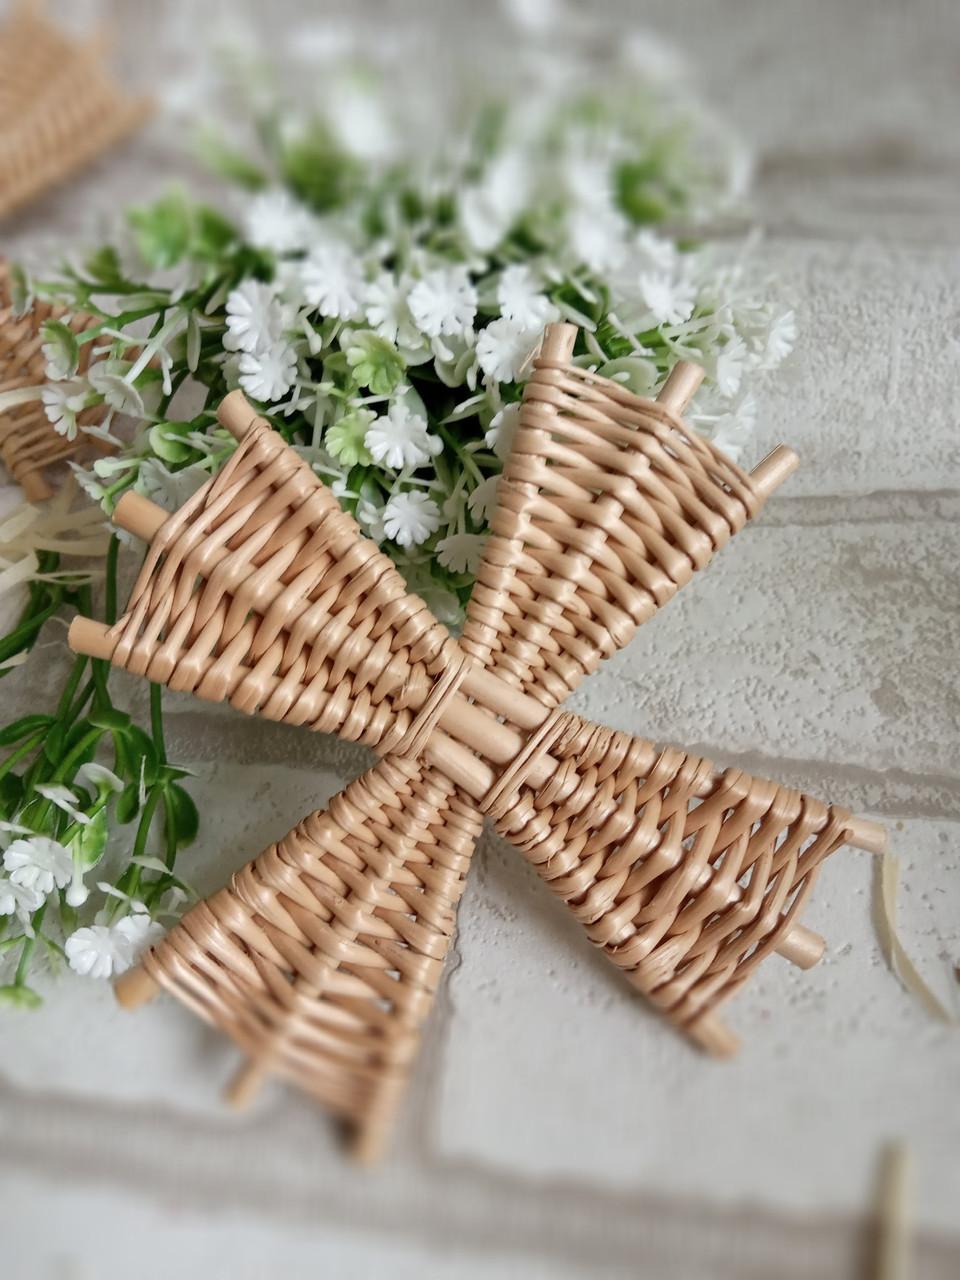 Вітряки плетені з лози, зоготовка для поробок 11*11 см  25 грн